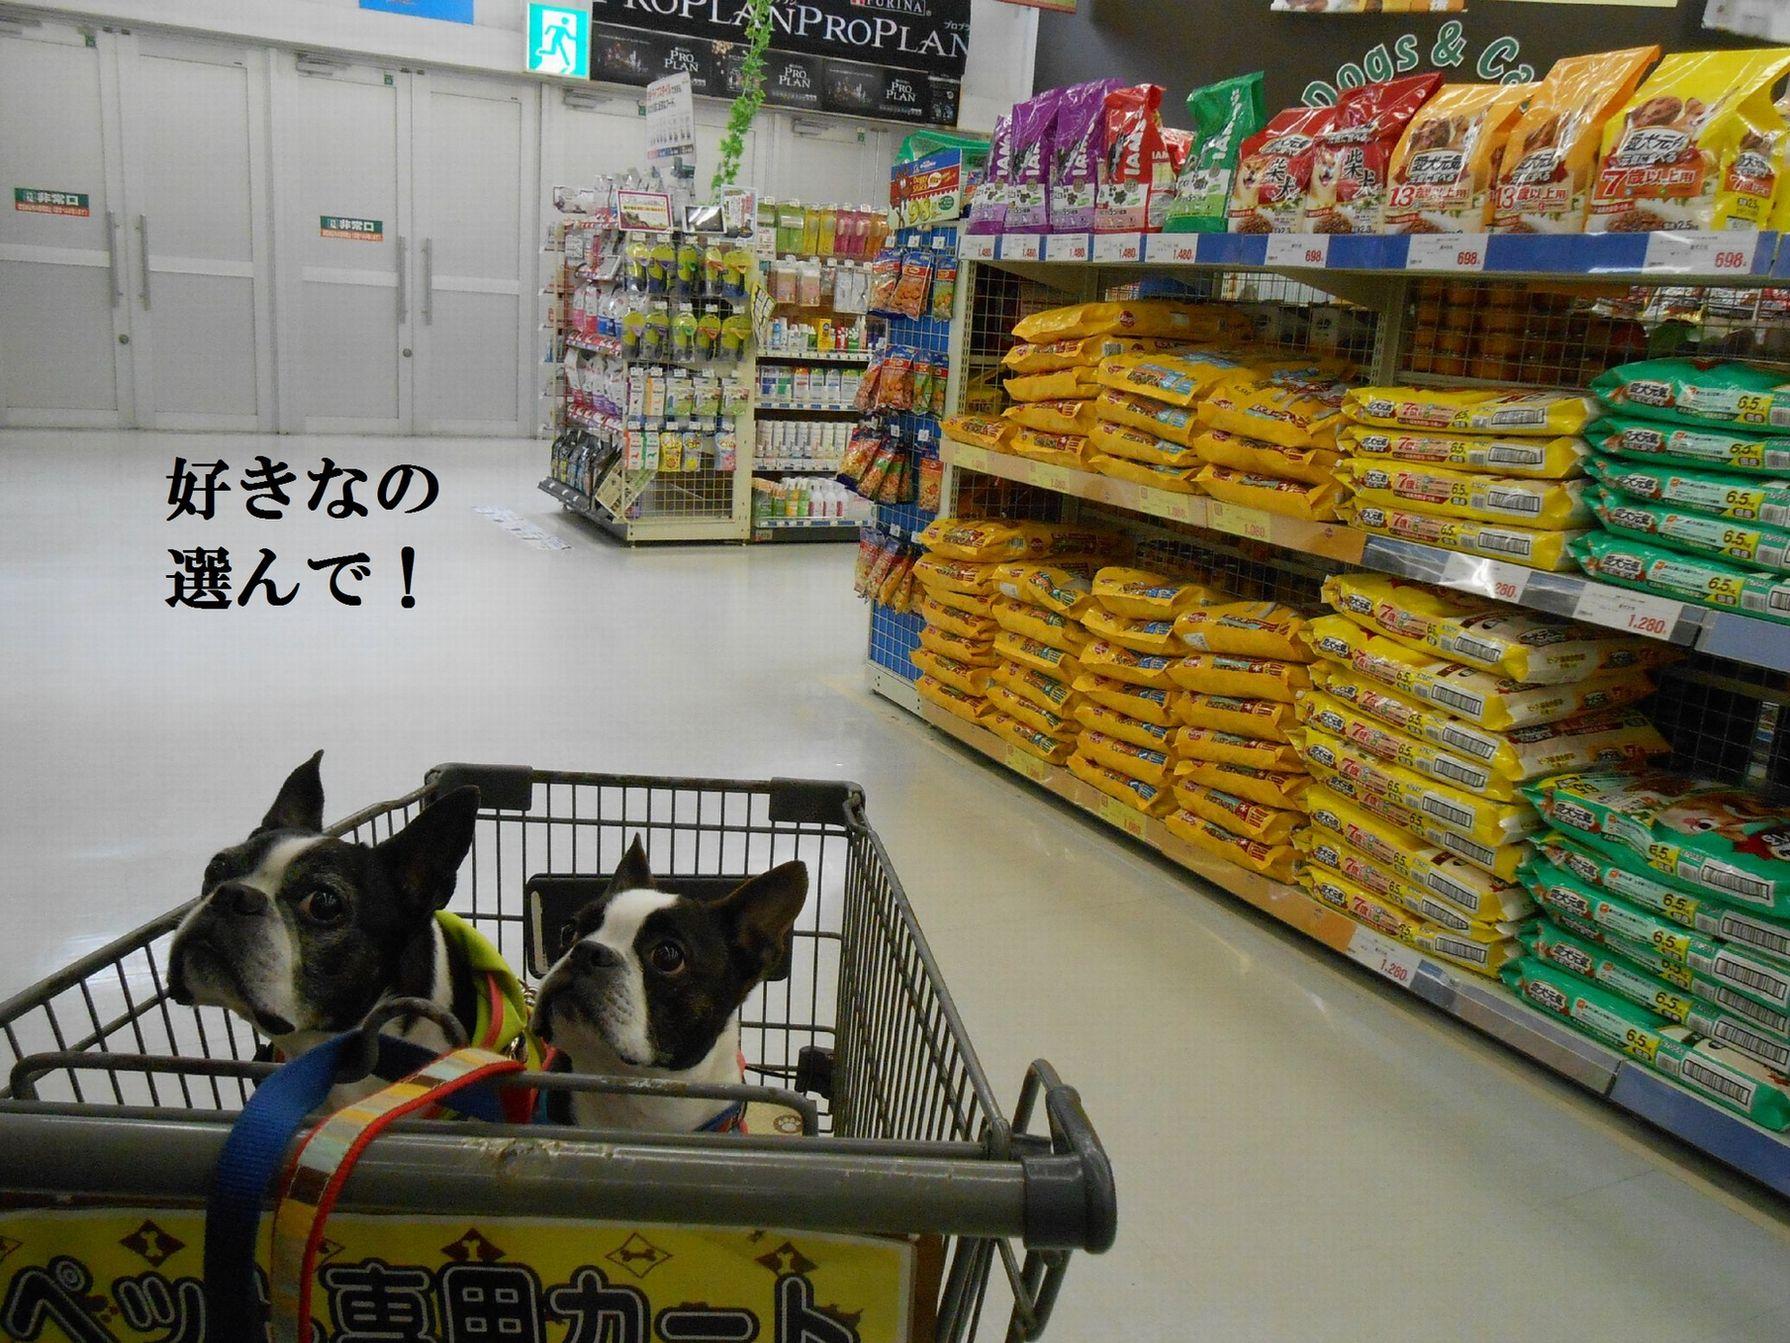 ショッピング1